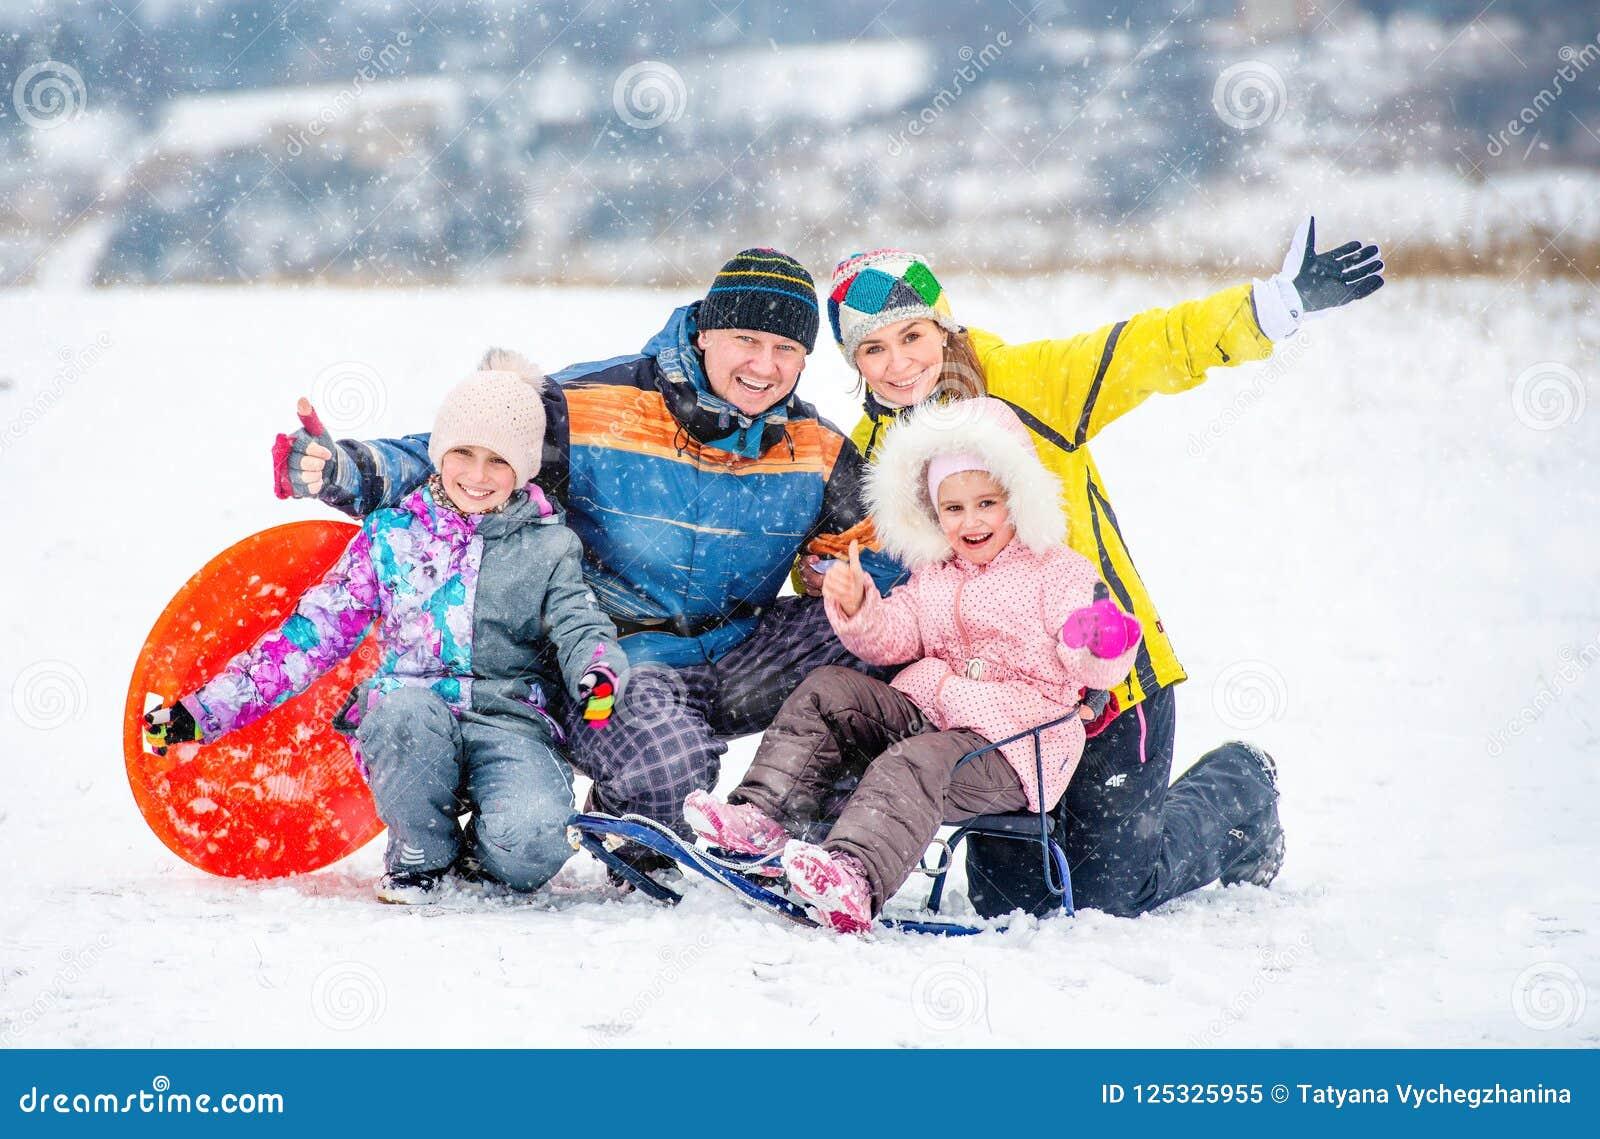 Ευτυχές οικογενειακό πορτρέτο υπαίθρια στο χειμώνα